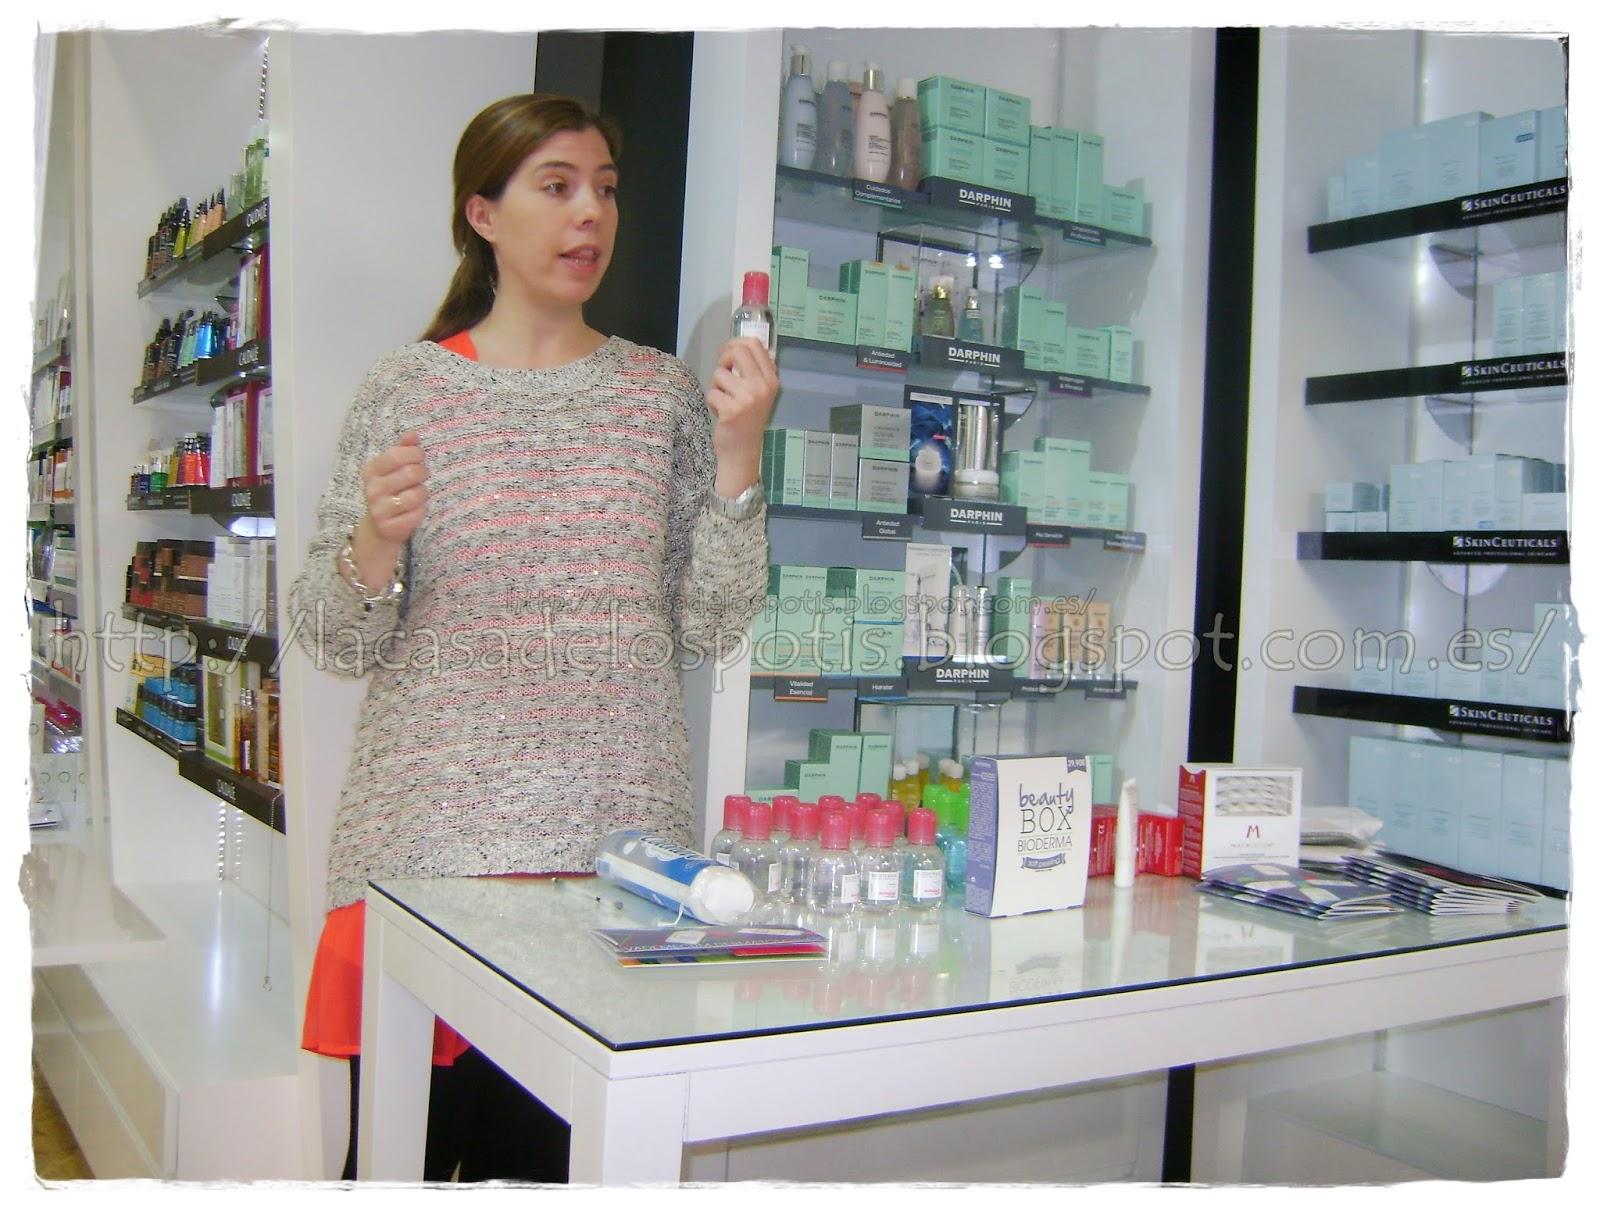 La casa de los potis evento bioderma en farmacia a5 - La farmacia en casa ...